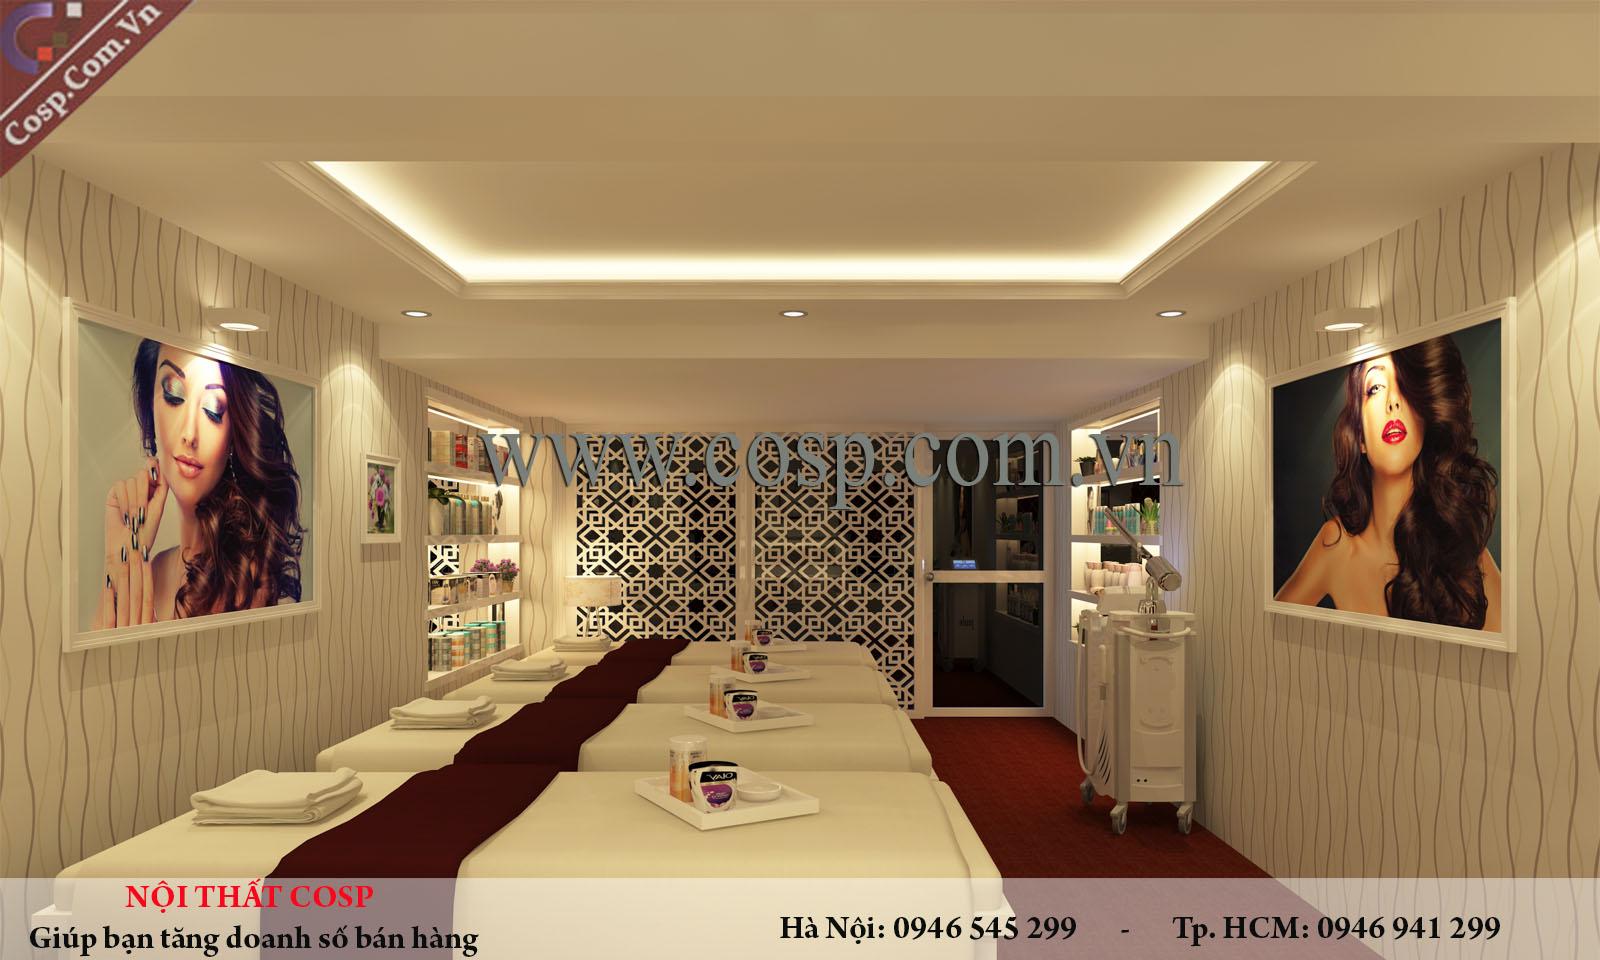 Thiết kế spa tại Quảng Ninh